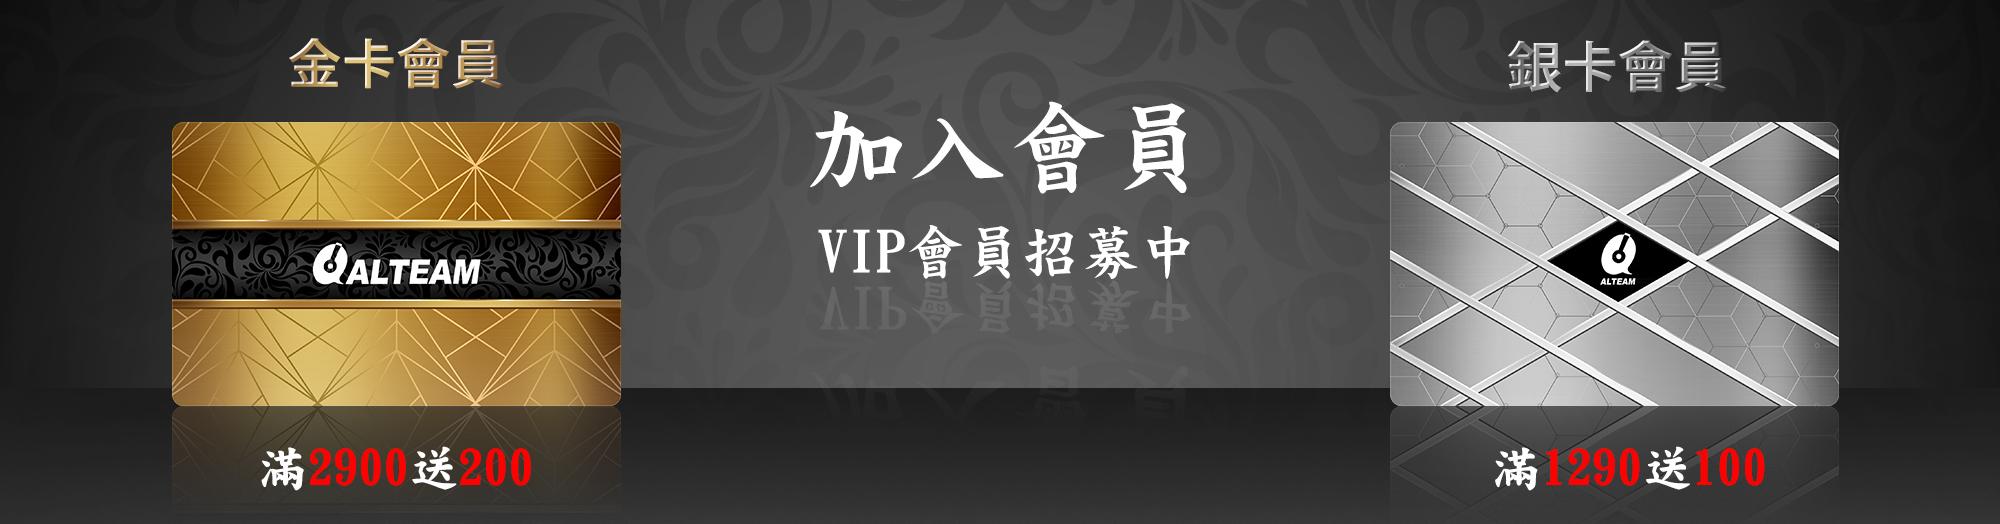 會員招募,VIP,金卡,銀卡,滿額送,ALTEAM,耳機,台灣品牌